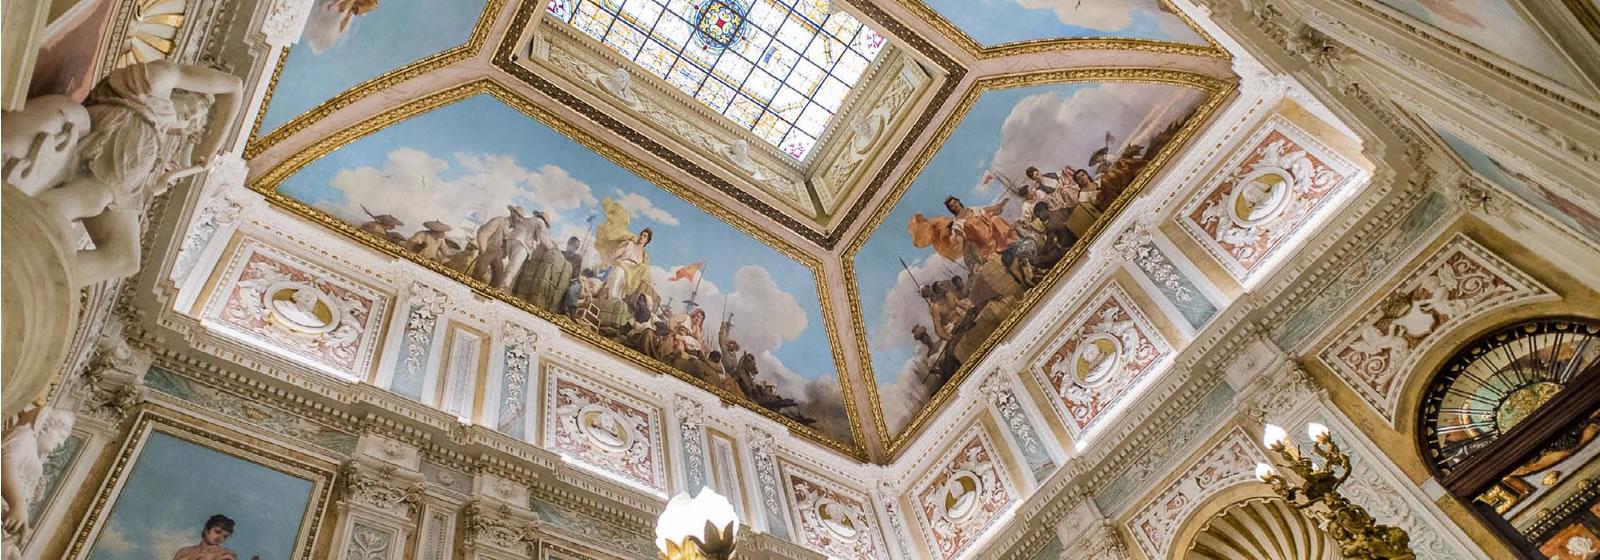 Vistas del interior del Palacio de Santoña, techo avobedado con frescos.